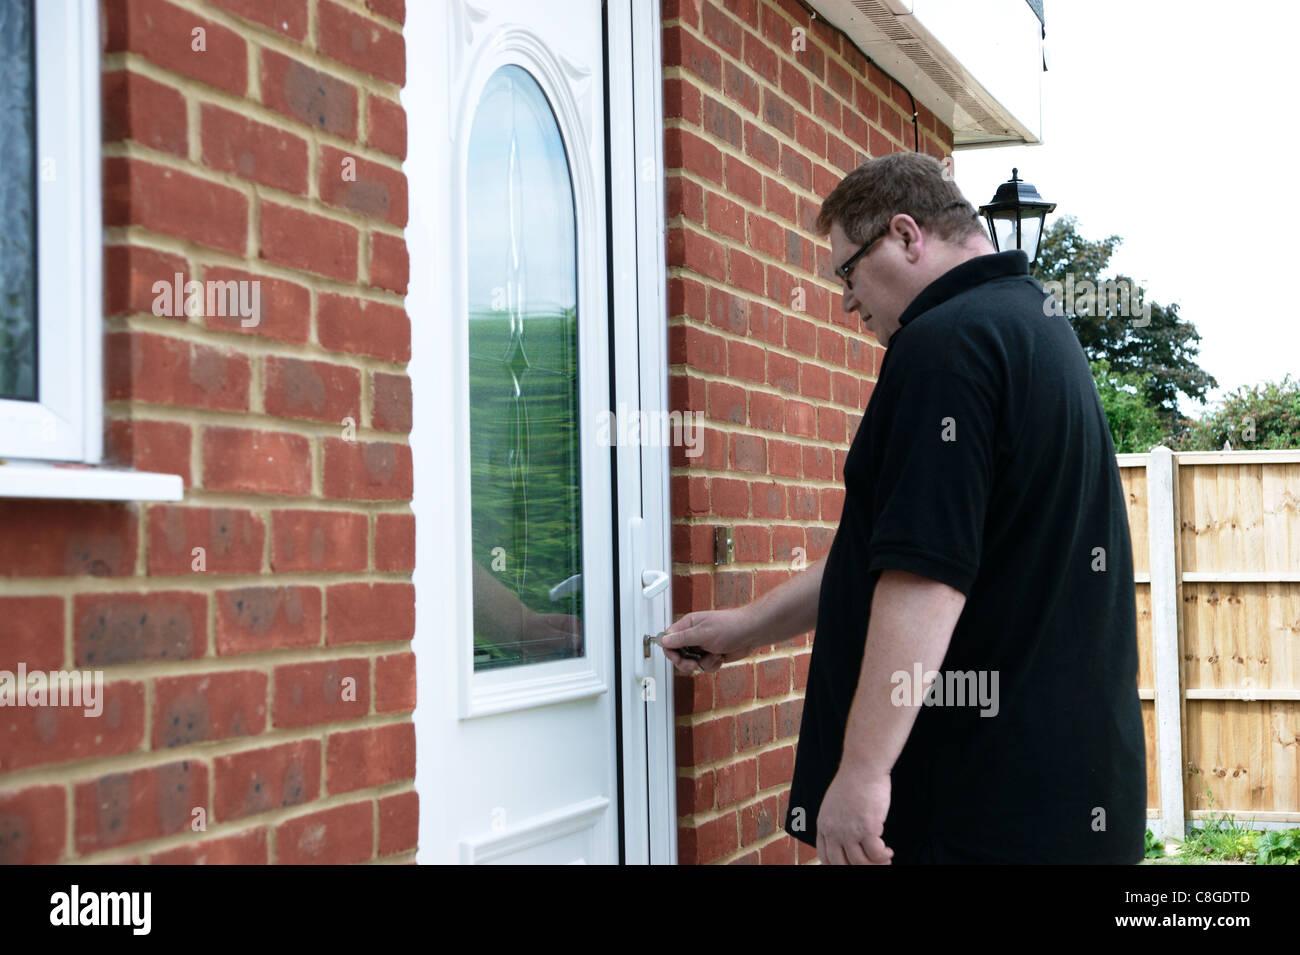 Unlocking Front Door Stock Photos Unlocking Front Door Stock